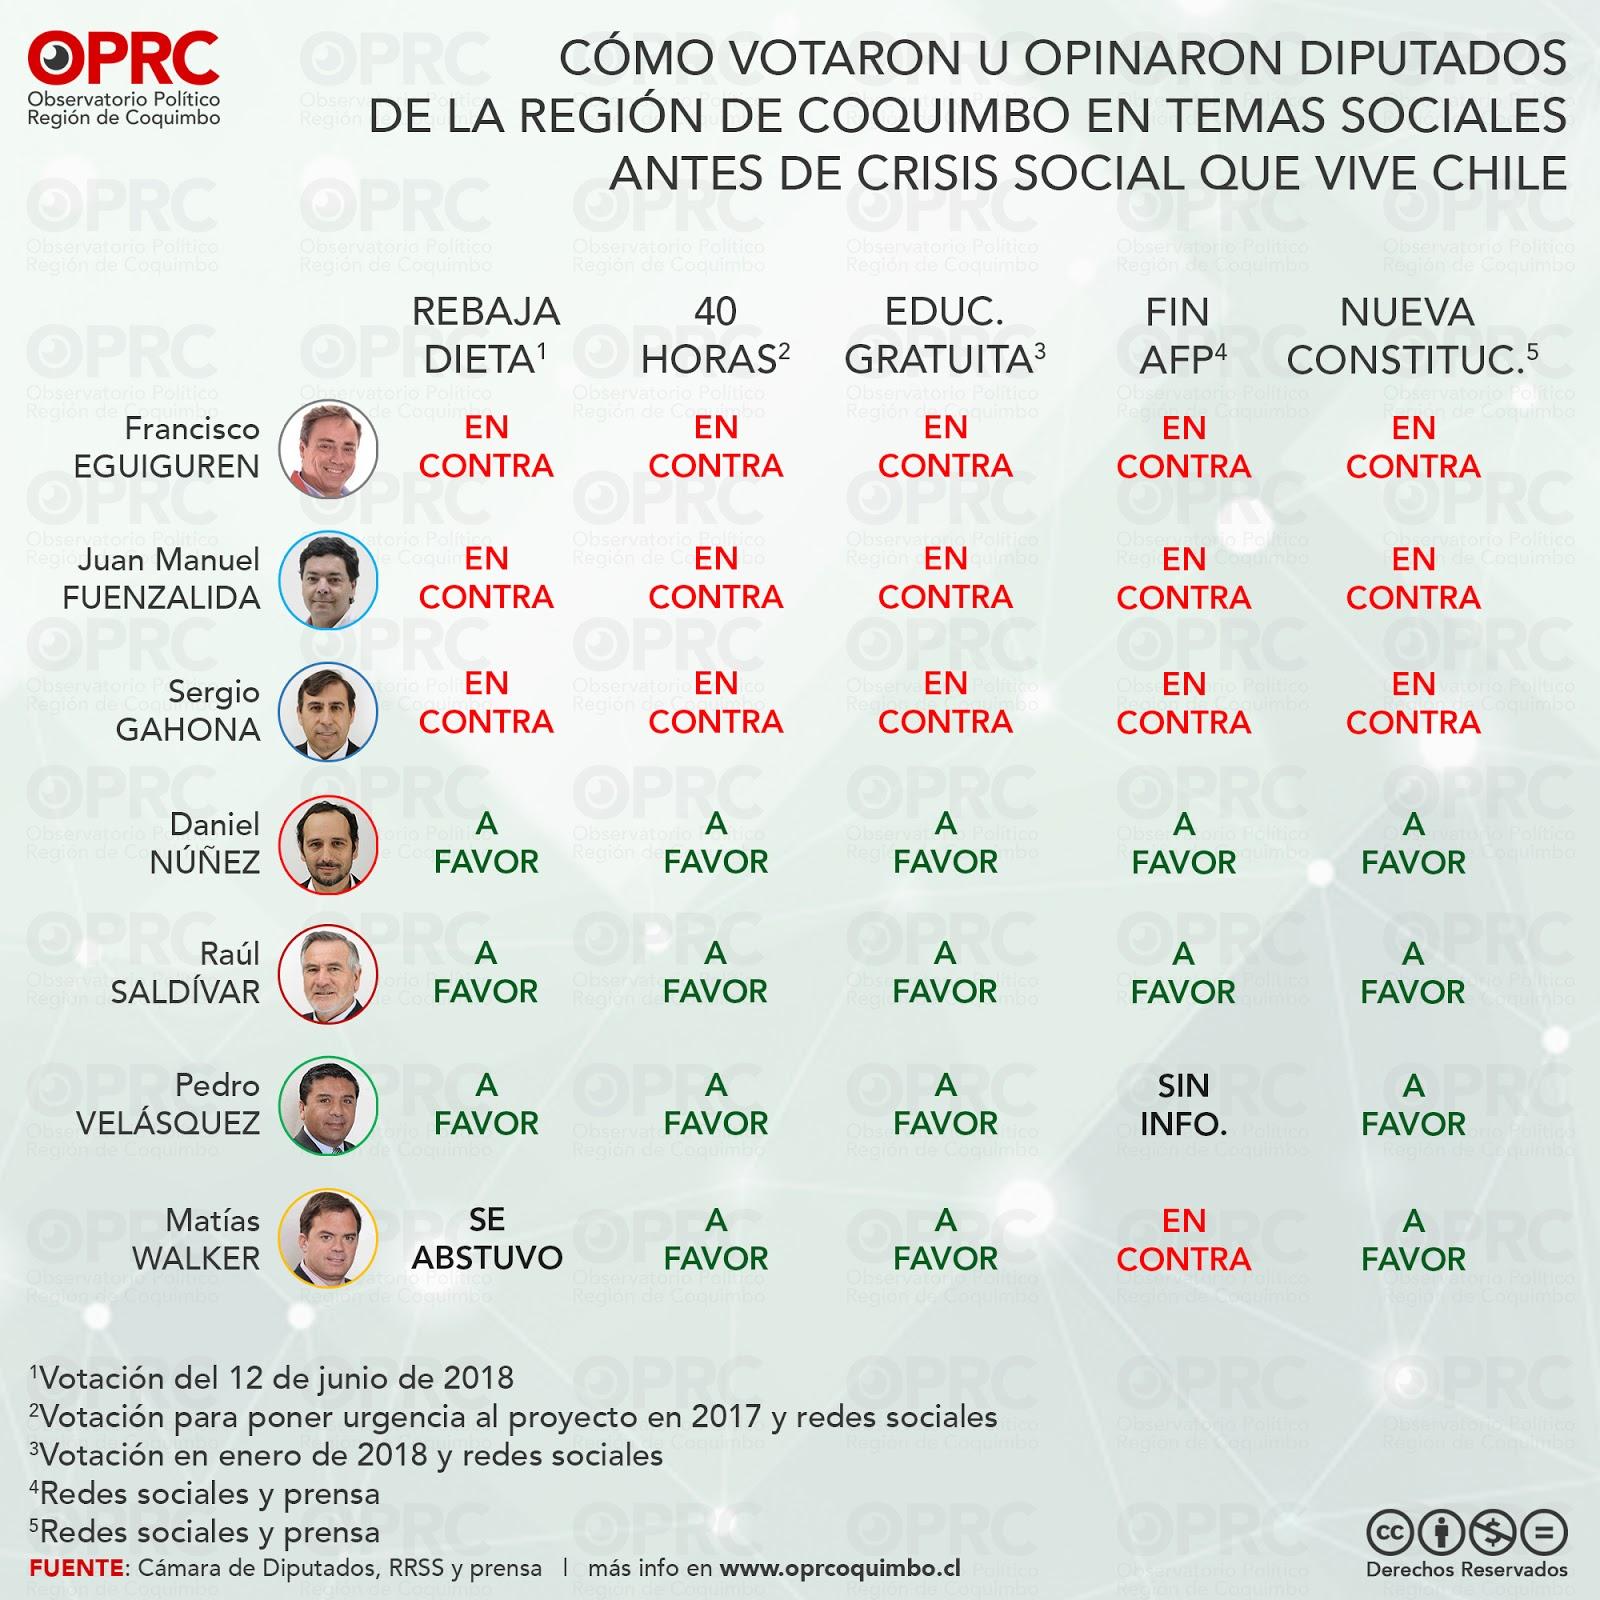 Opinión de Diputados Región de Coquimbo en temas sociales antes de crisis social octubre 2019